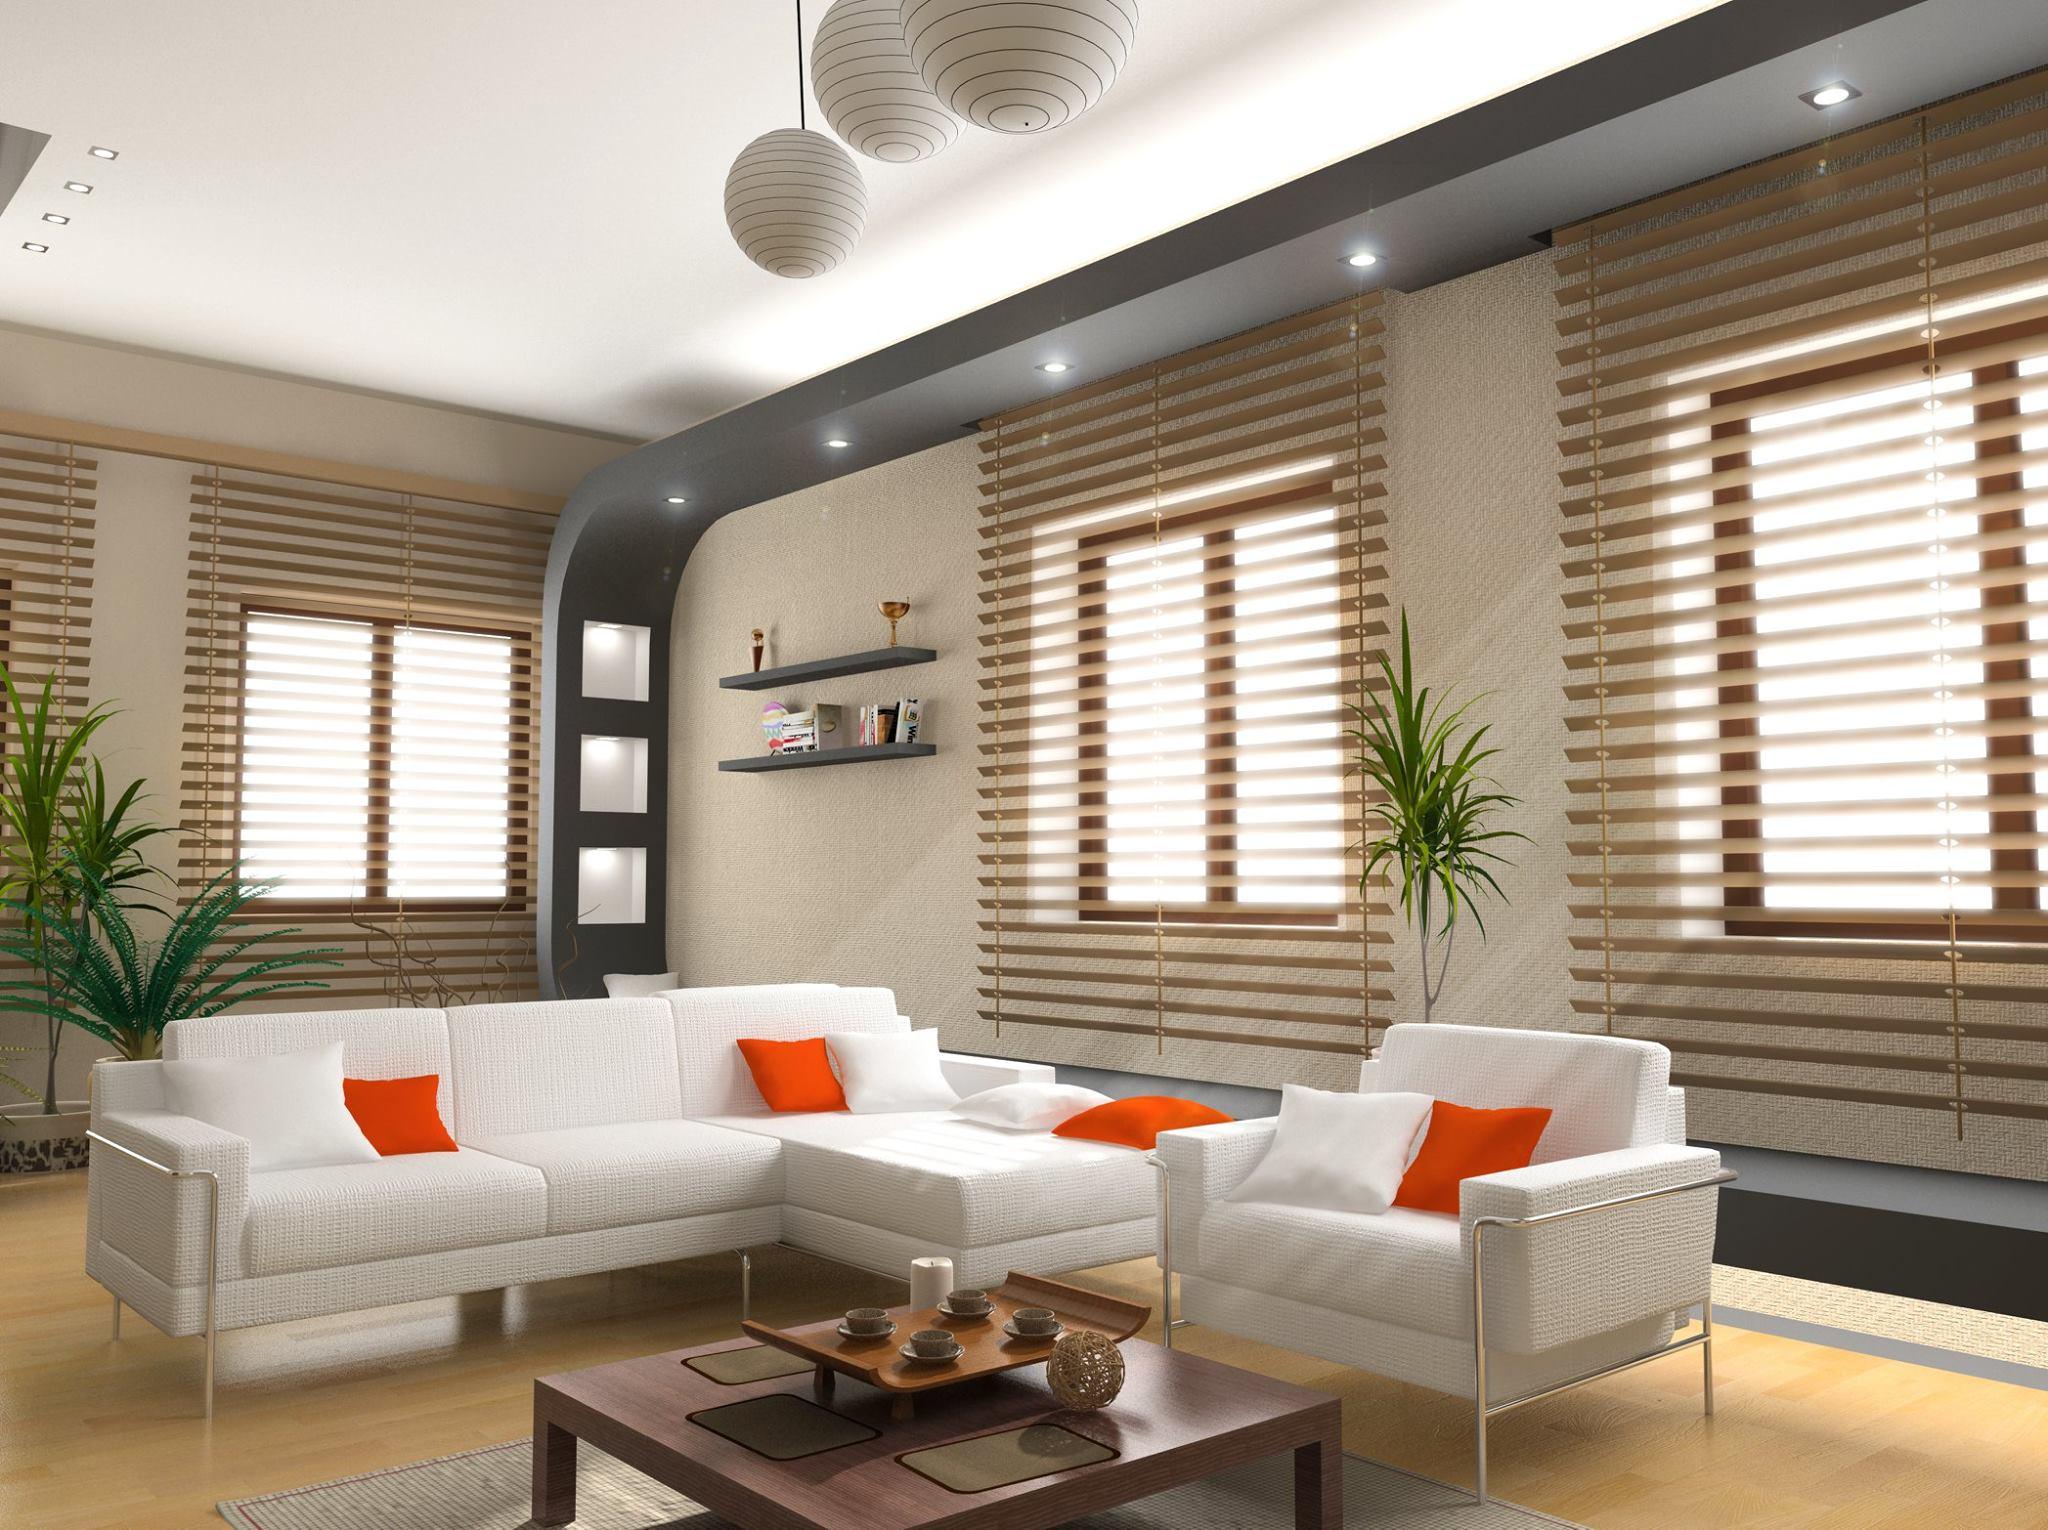 Salony saloniki jadalnie dekoraje do salonu - Wohnraumgestaltung wohnzimmer ...